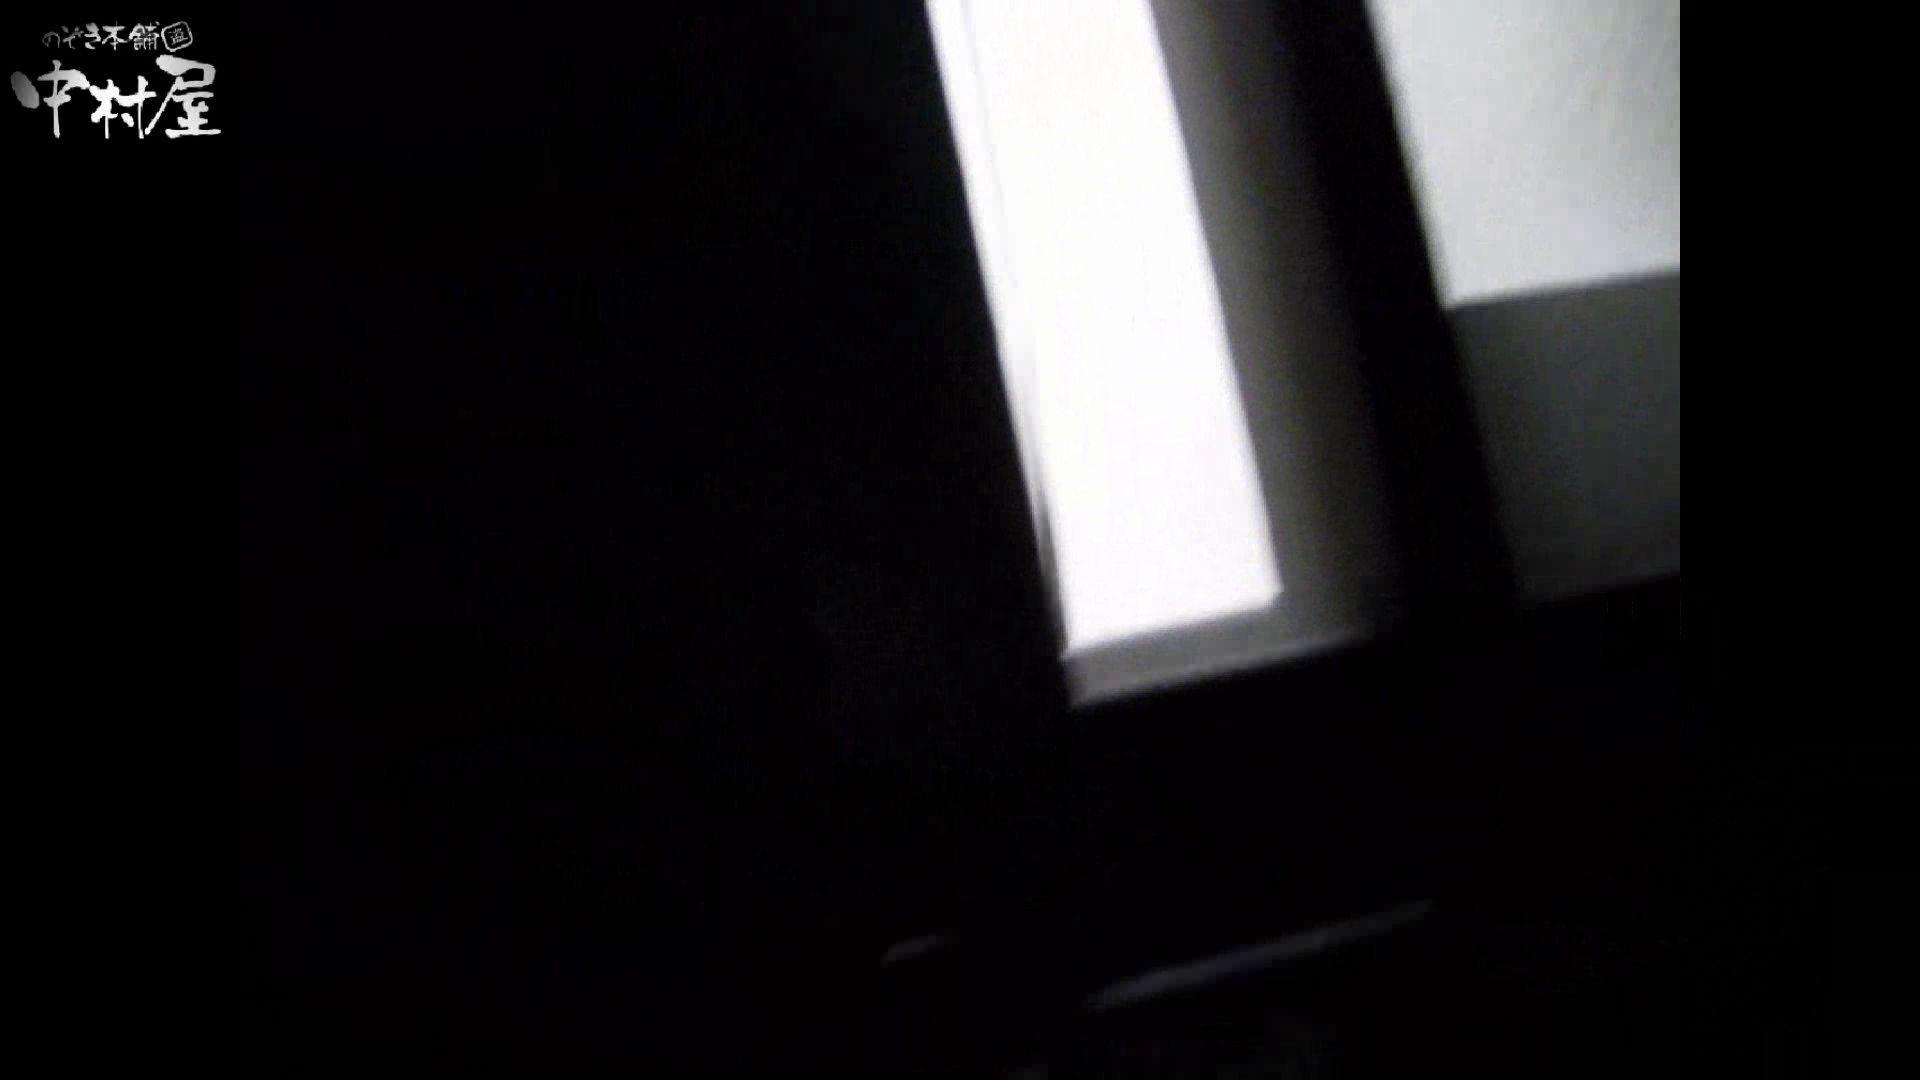 民家風呂専門盗撮師の超危険映像 vol.005 美女まとめ  78PIX 30